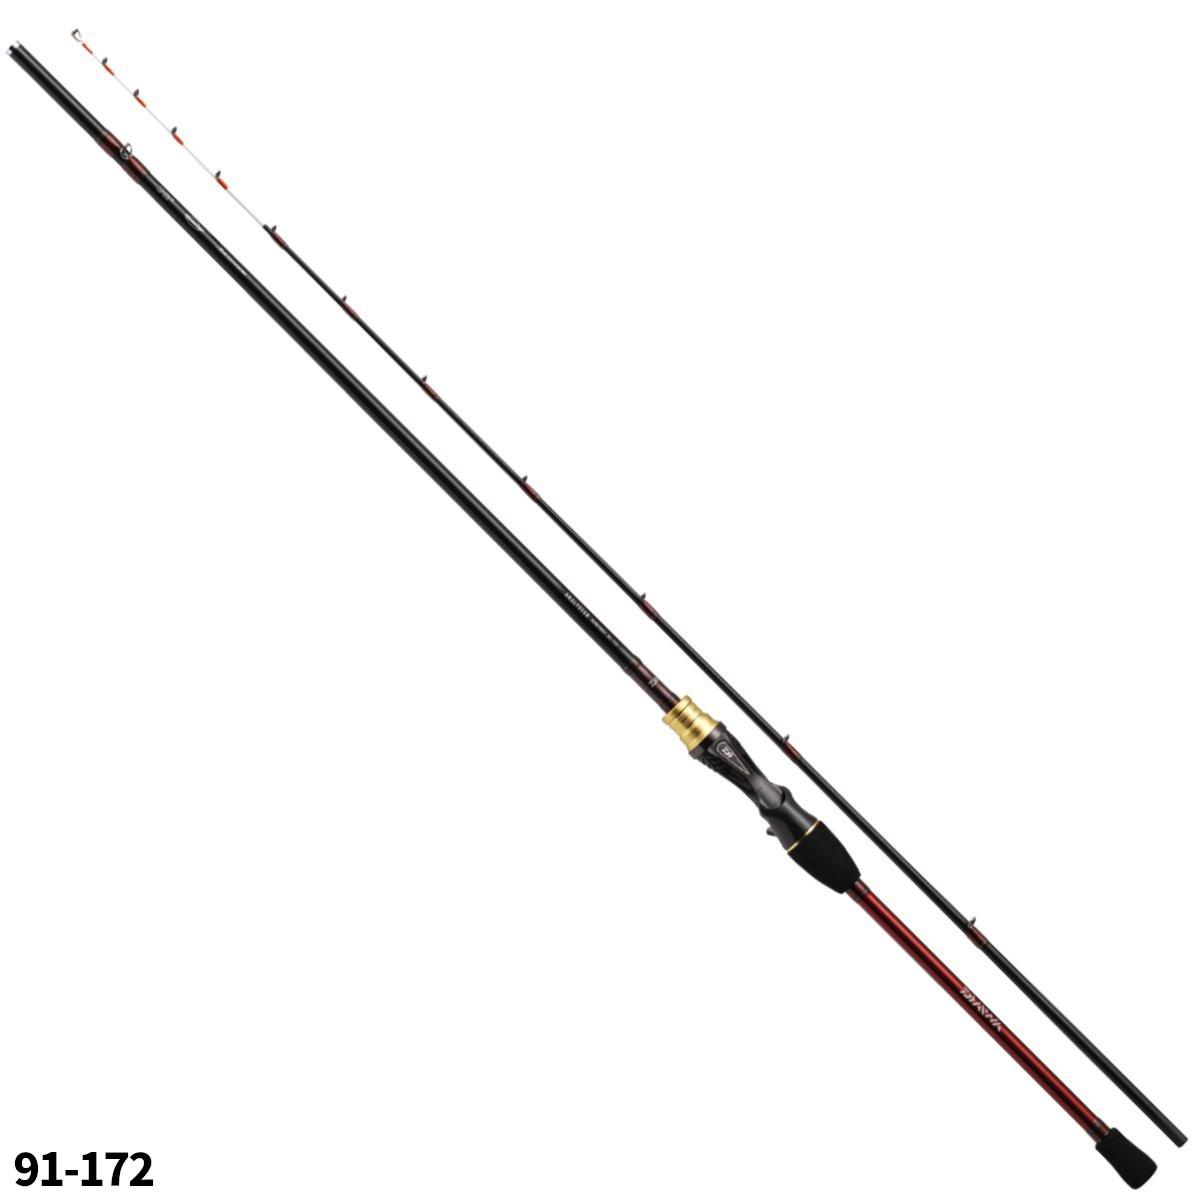 ダイワ アナリスター カワハギ 91-172【送料無料】